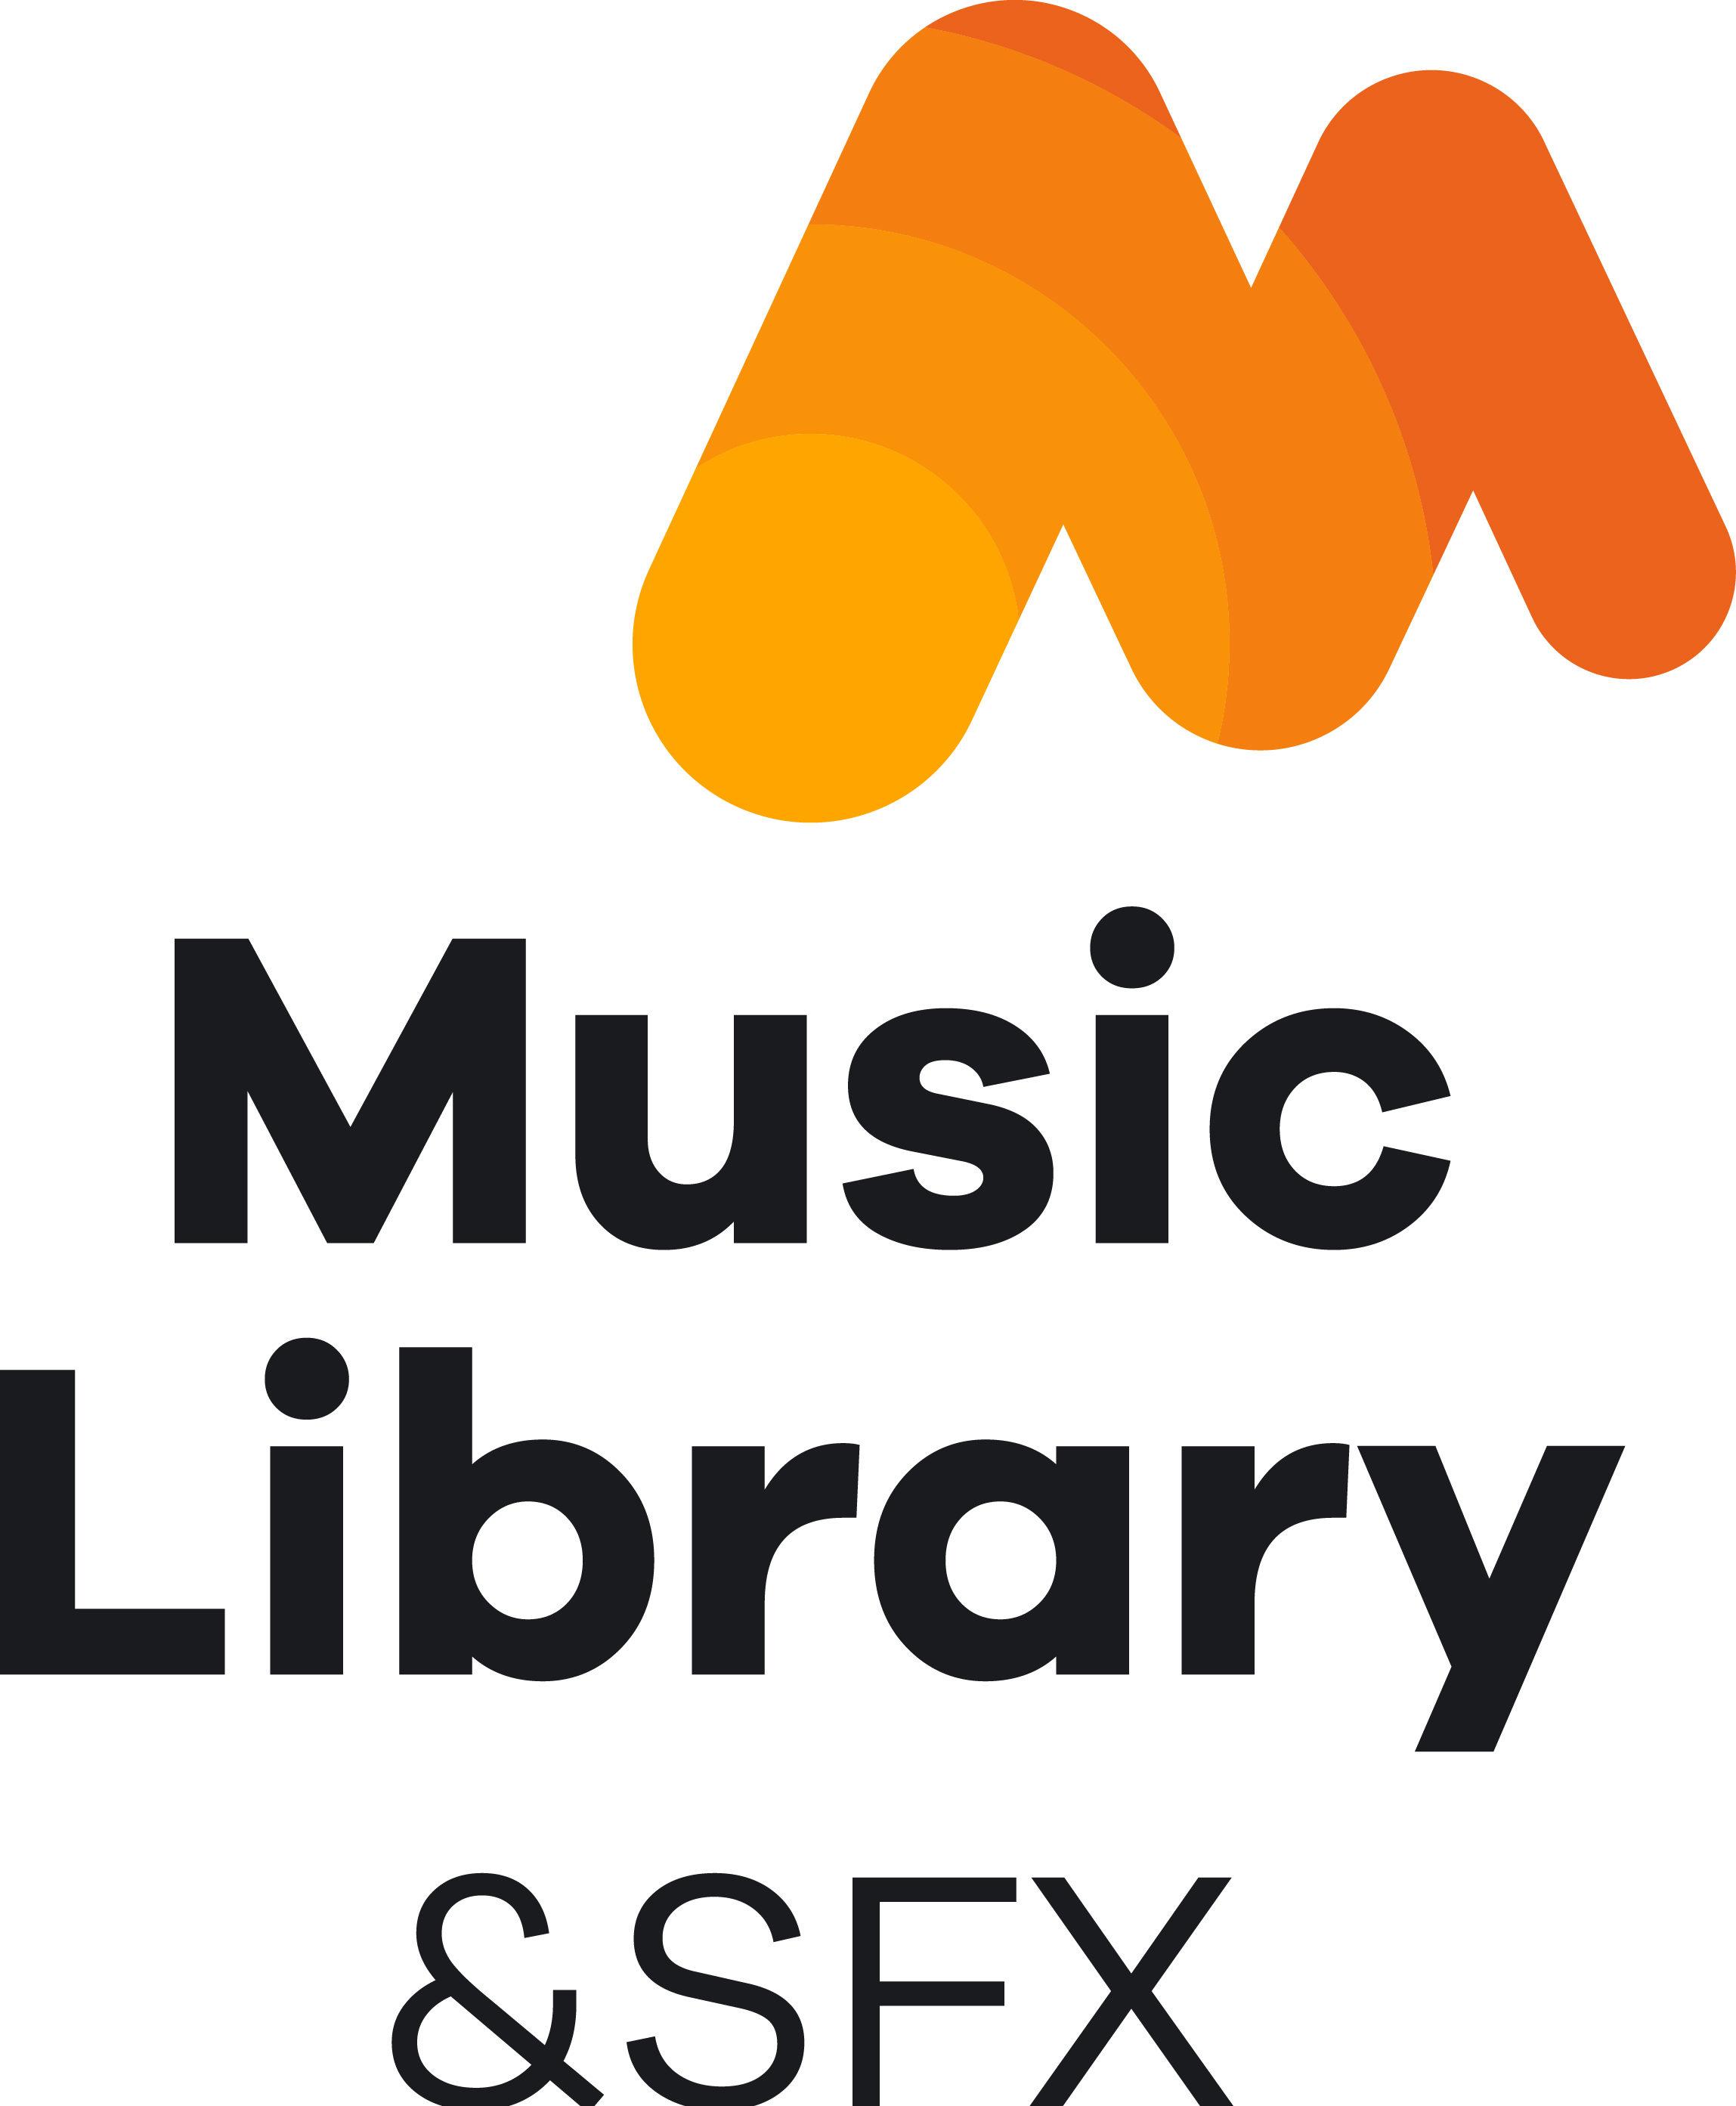 Logos ML distintas disposiciones-03